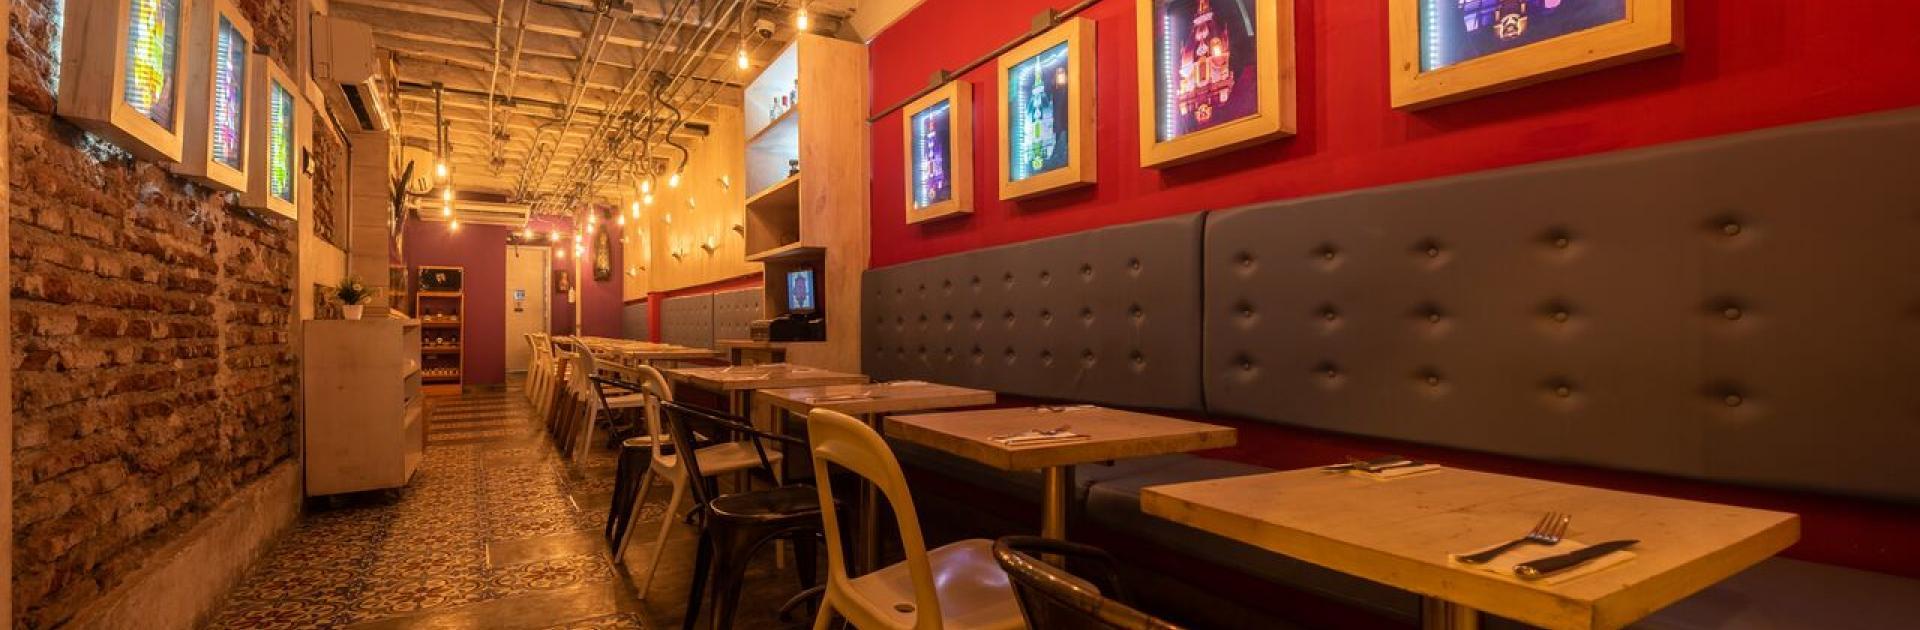 Restaurante La Catedral, participante de Dónde Restaurant Week 2019 en Cartagena de Indias